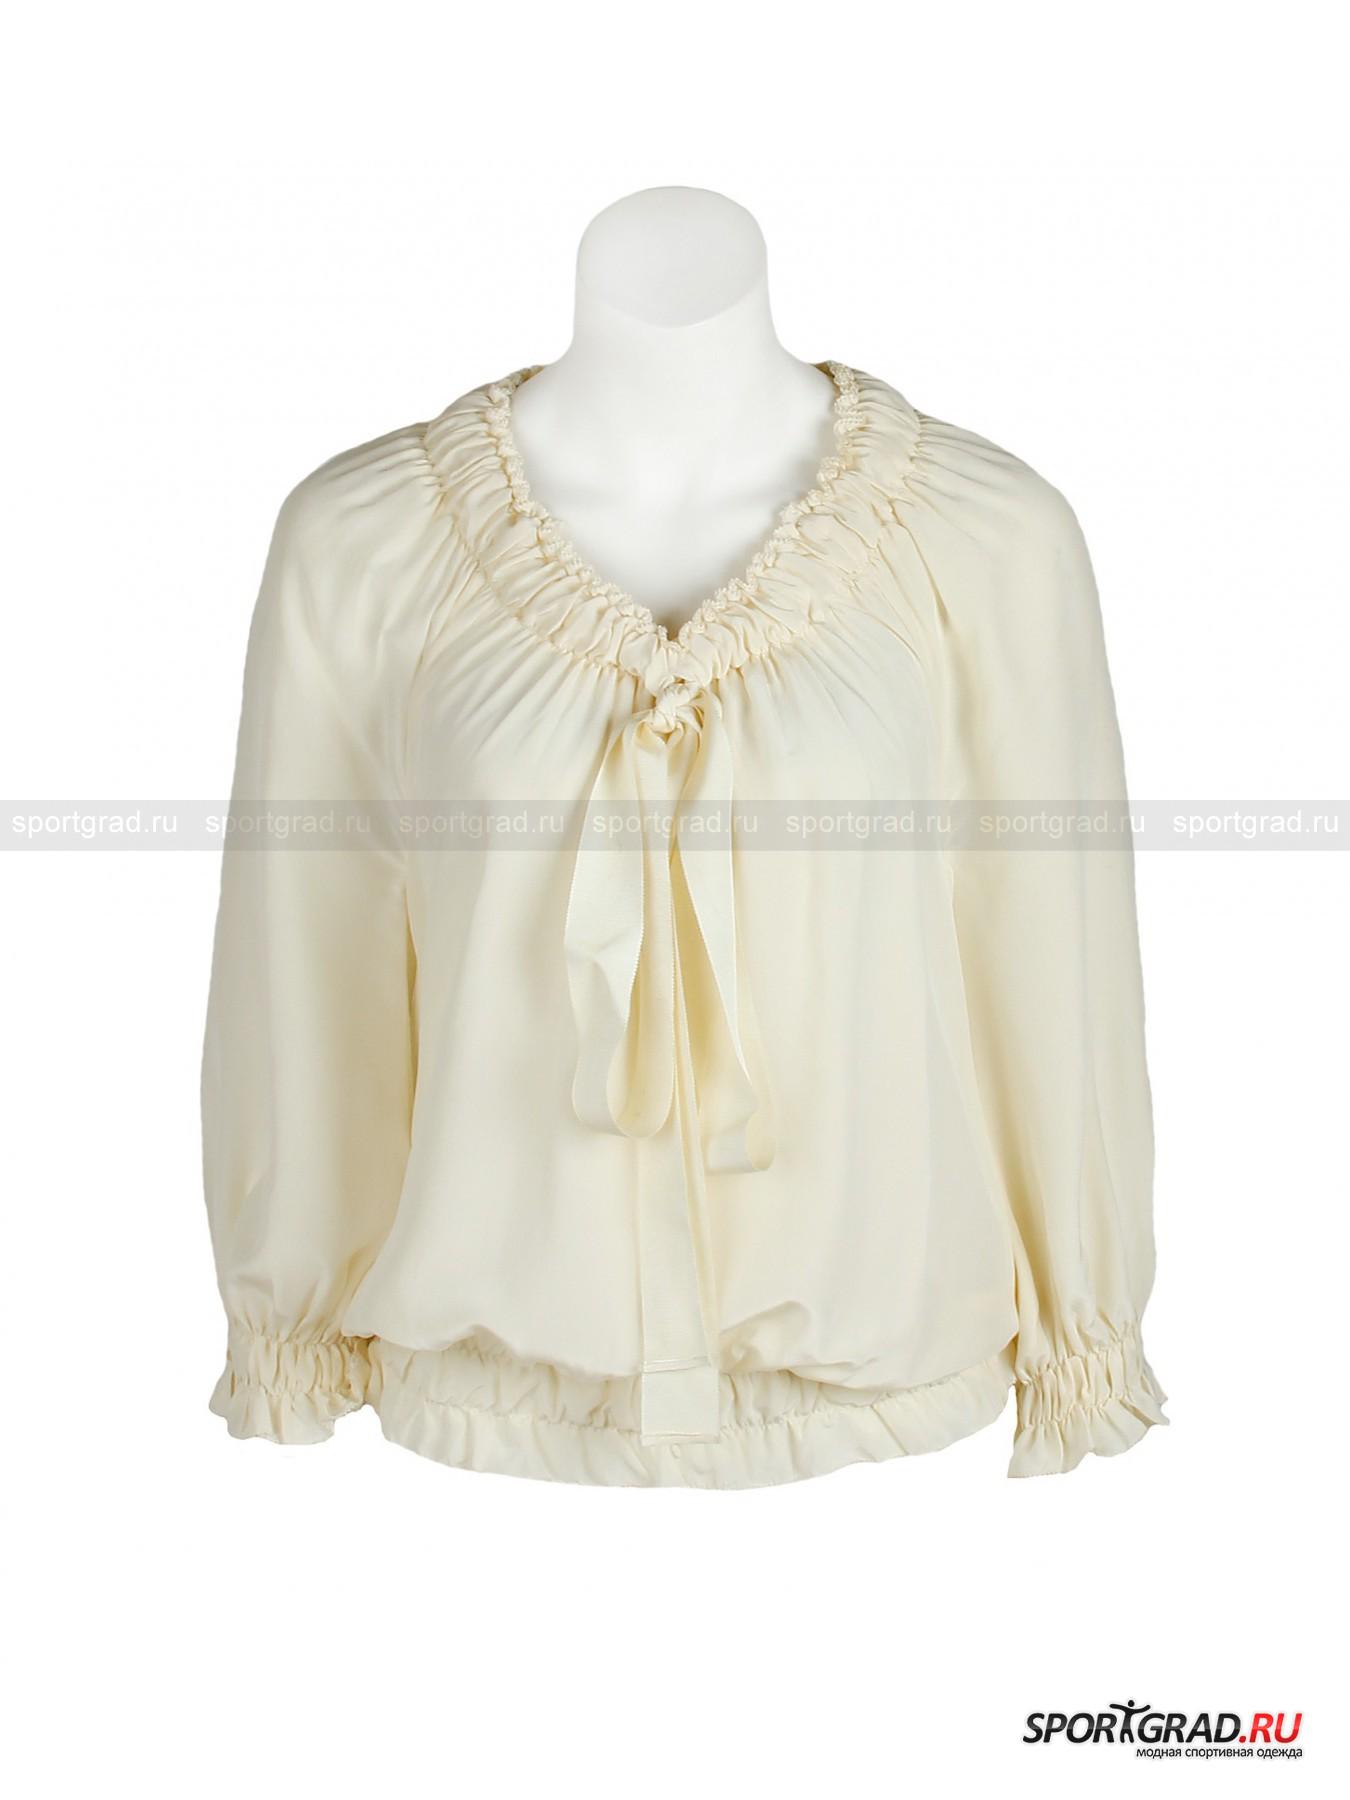 Блузка женская Shirt BEA от Спортград